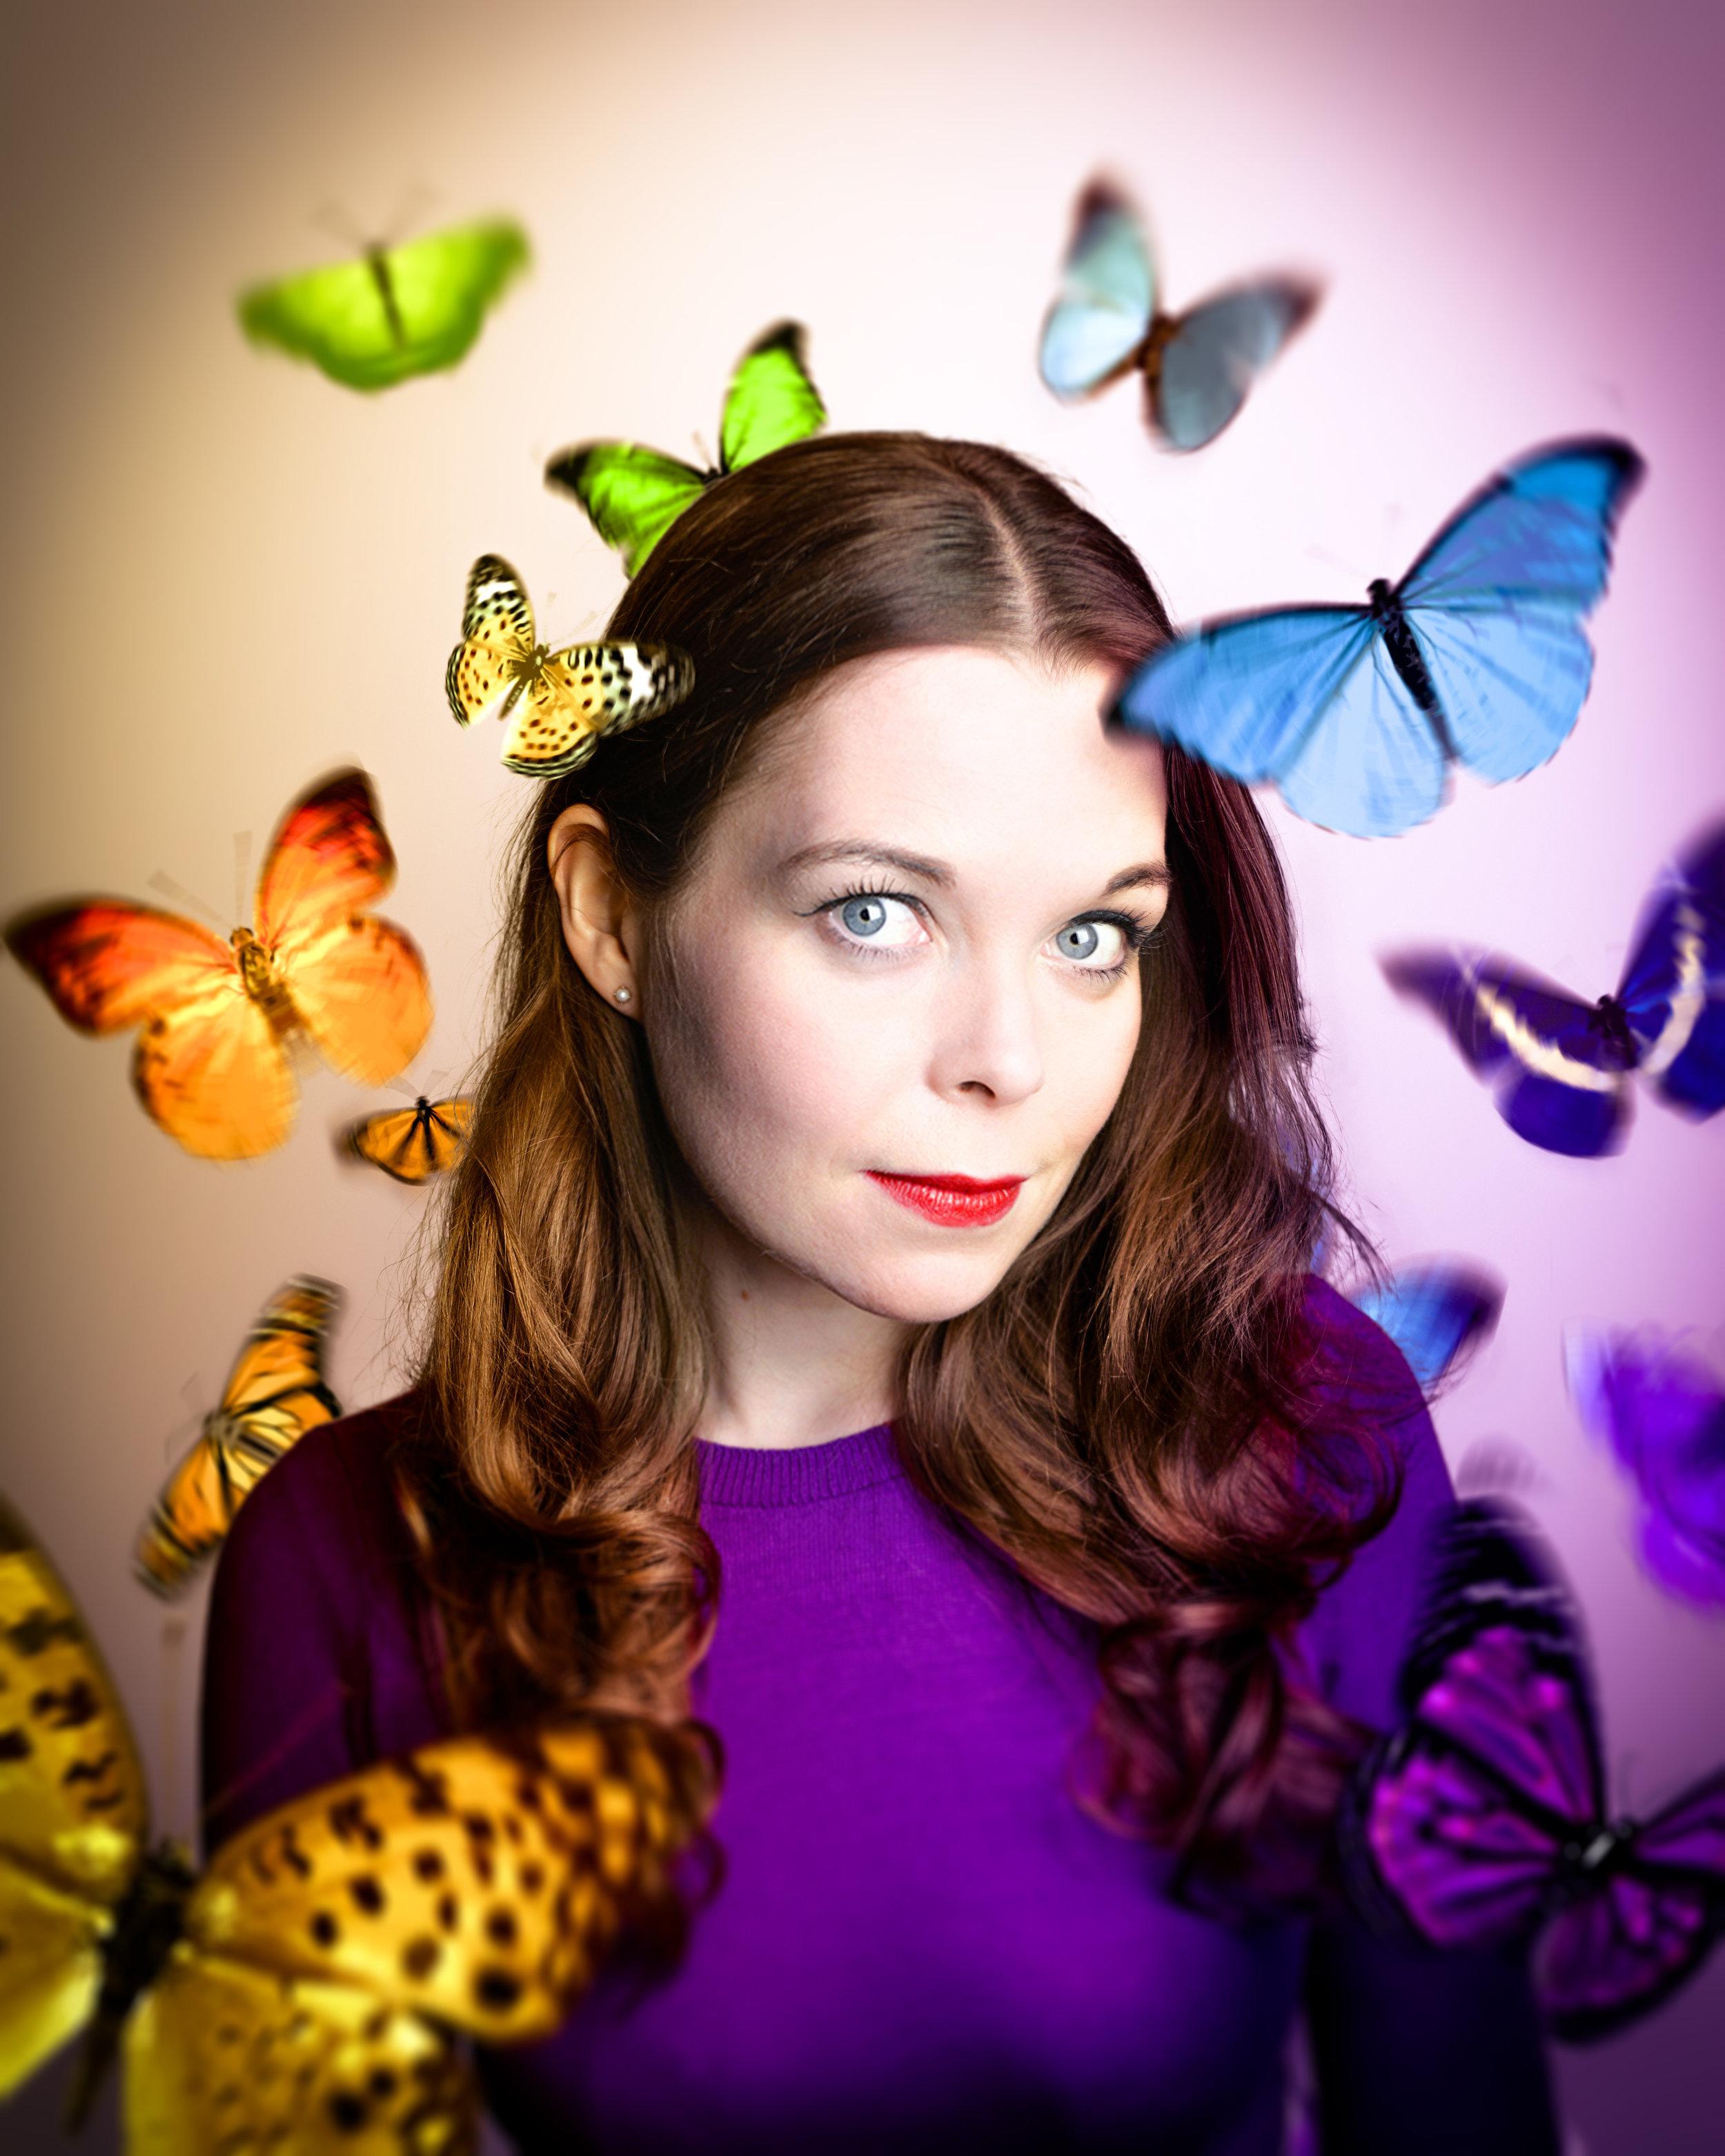 Juliette Burton Butterfly Effect press image.jpg